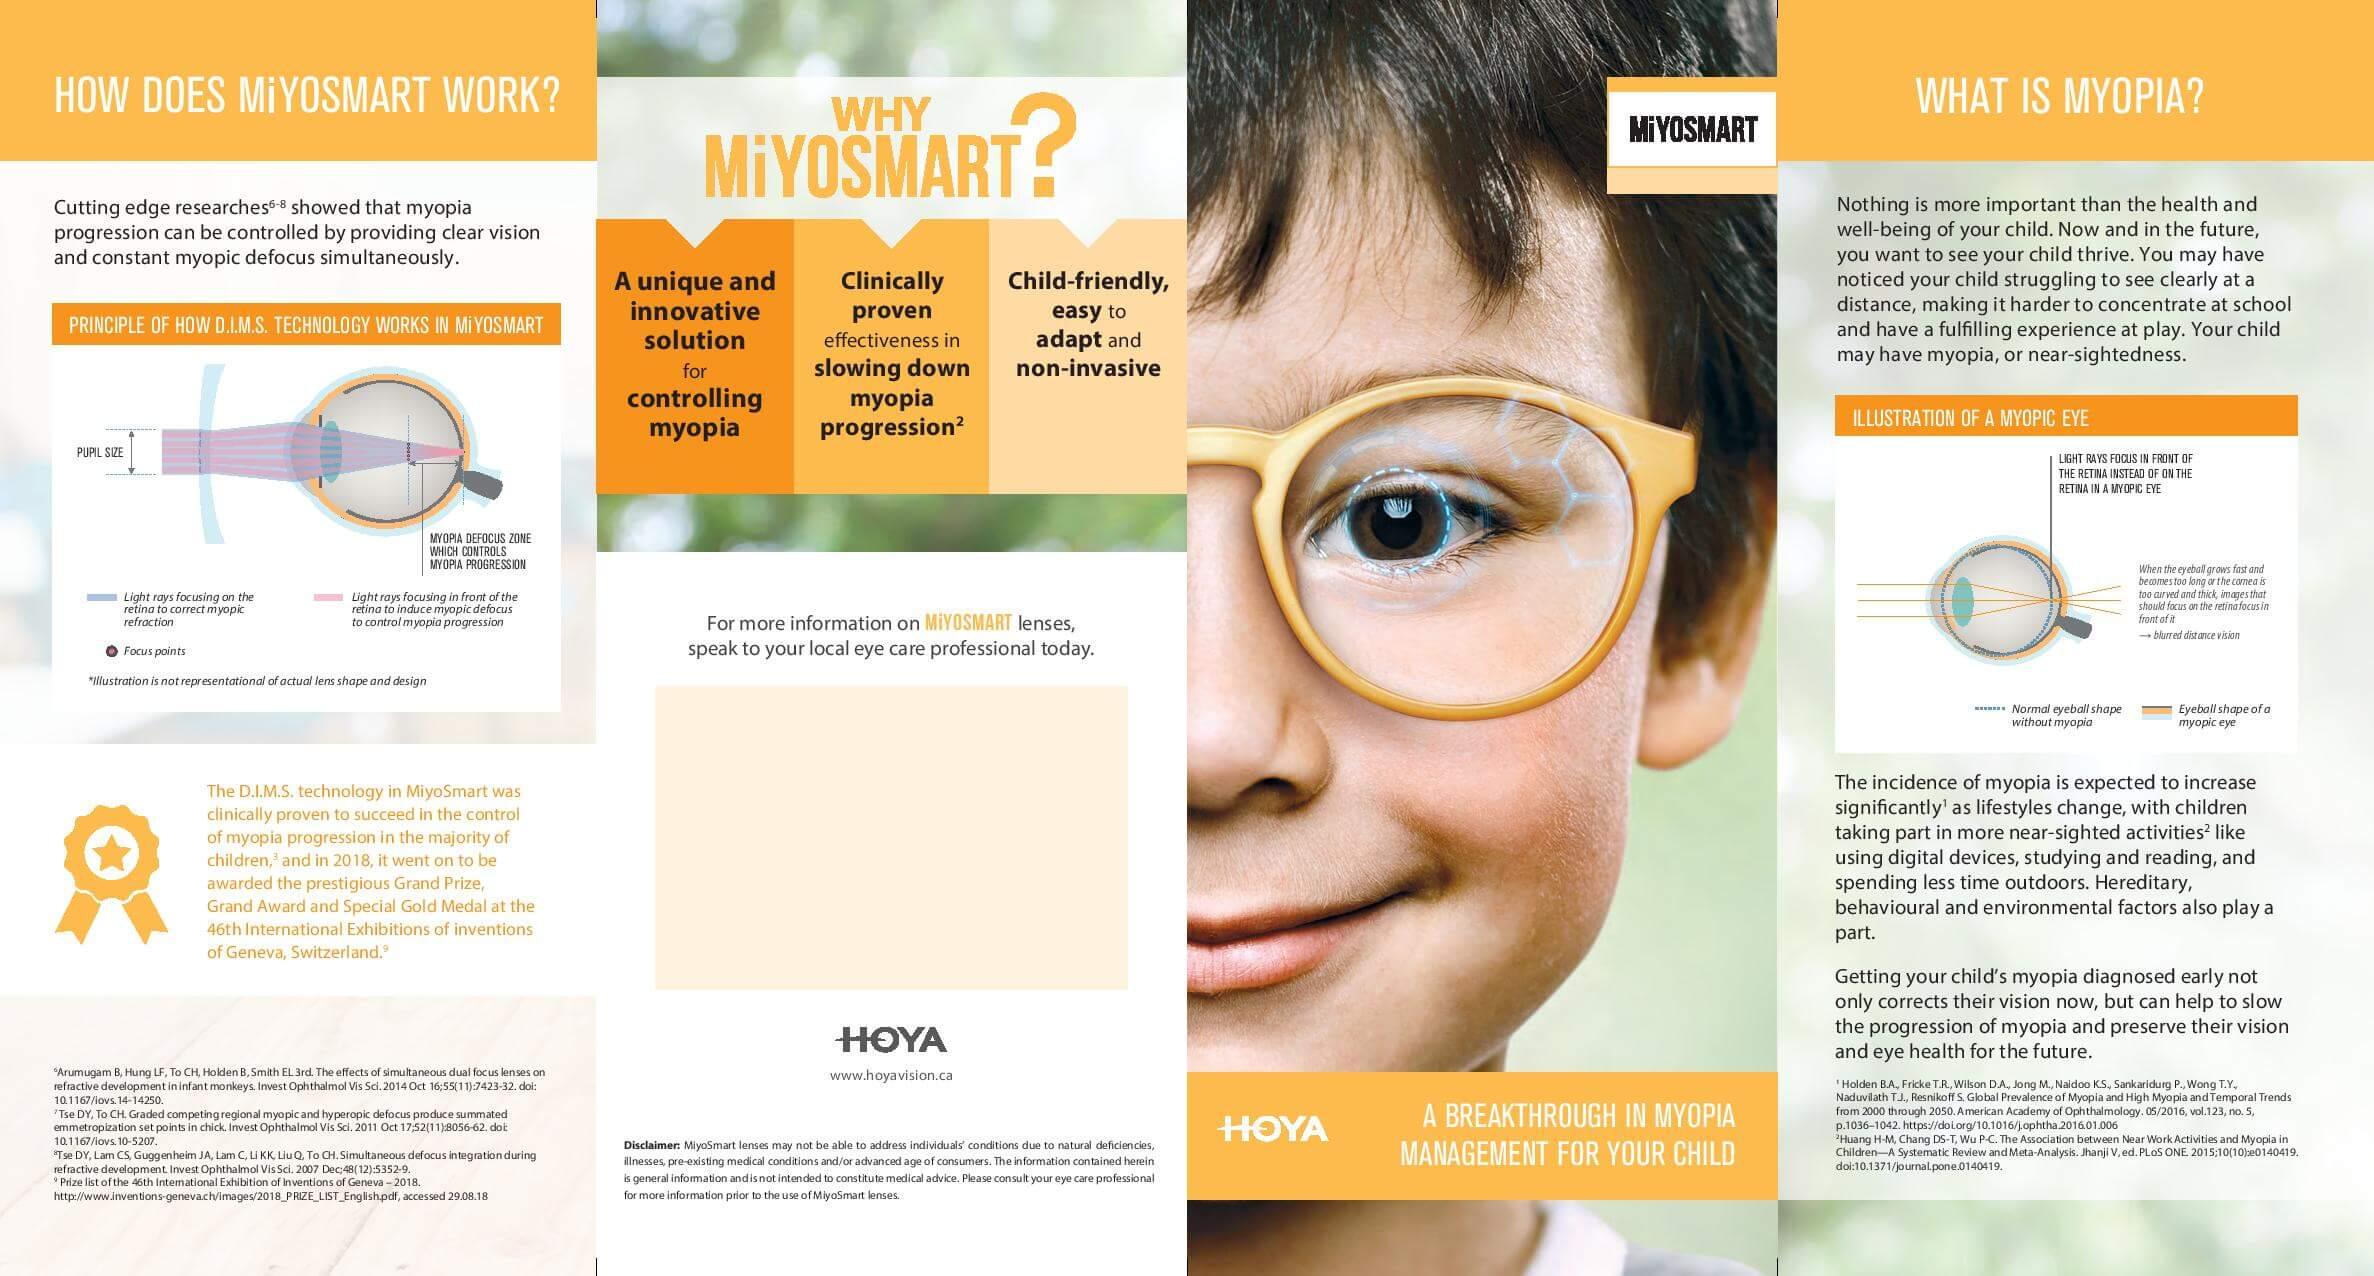 Hoya MiyoSmart Patient Brochure - Nearsightedness in Milton, Ontario